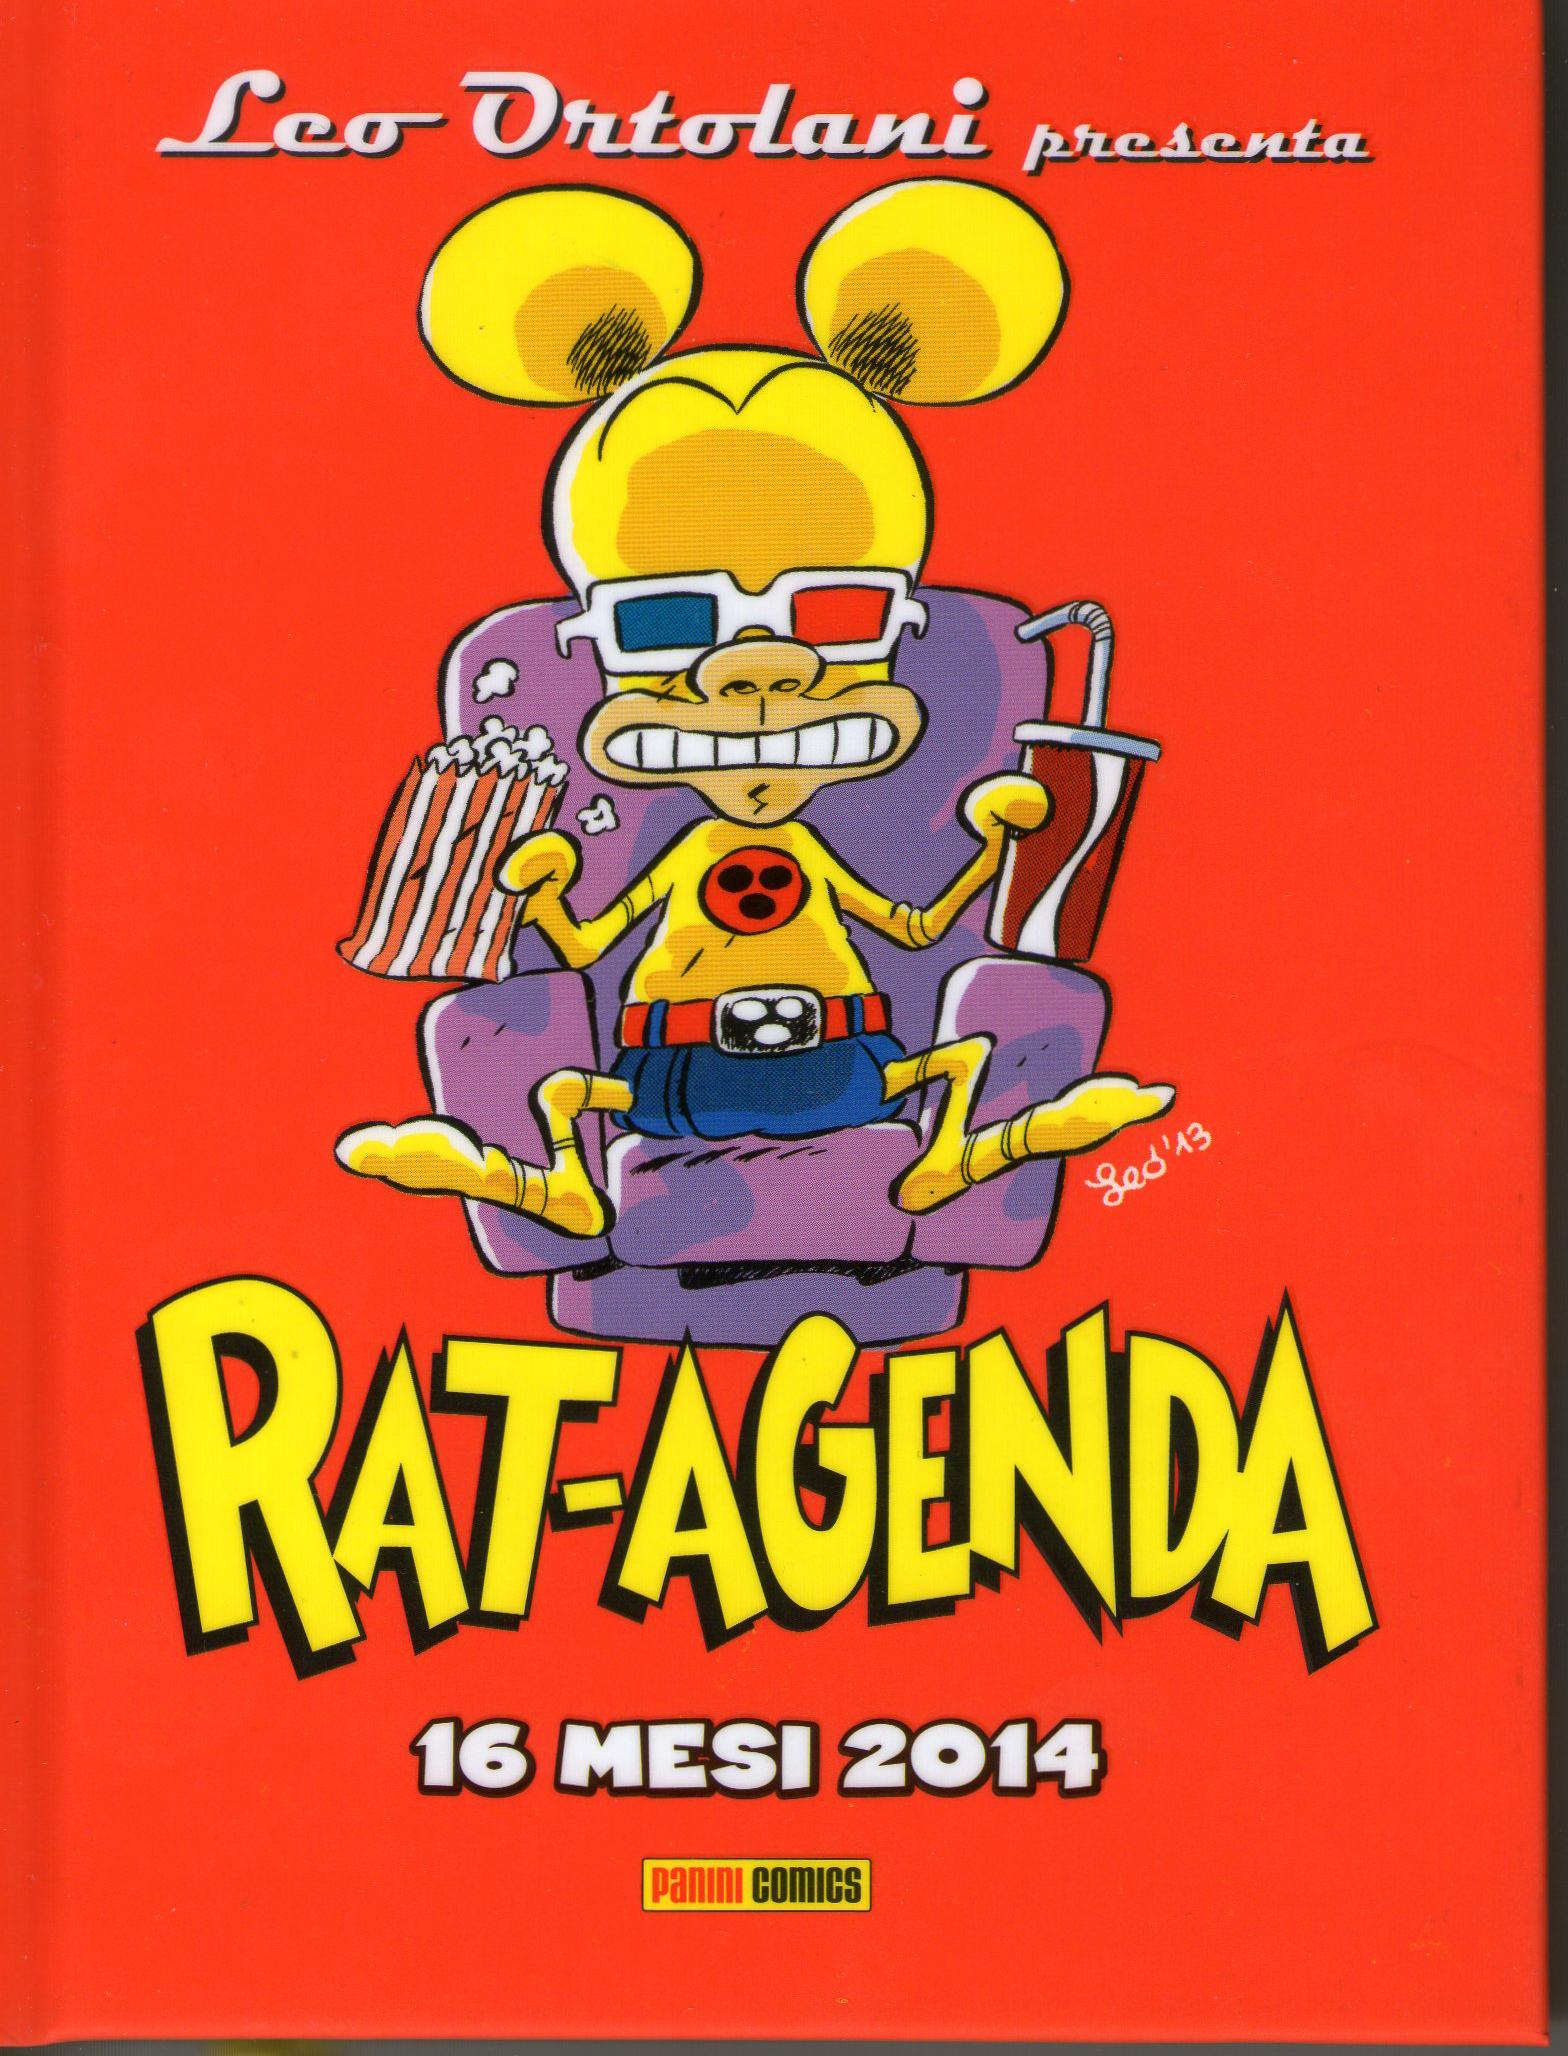 Rat-Agenda